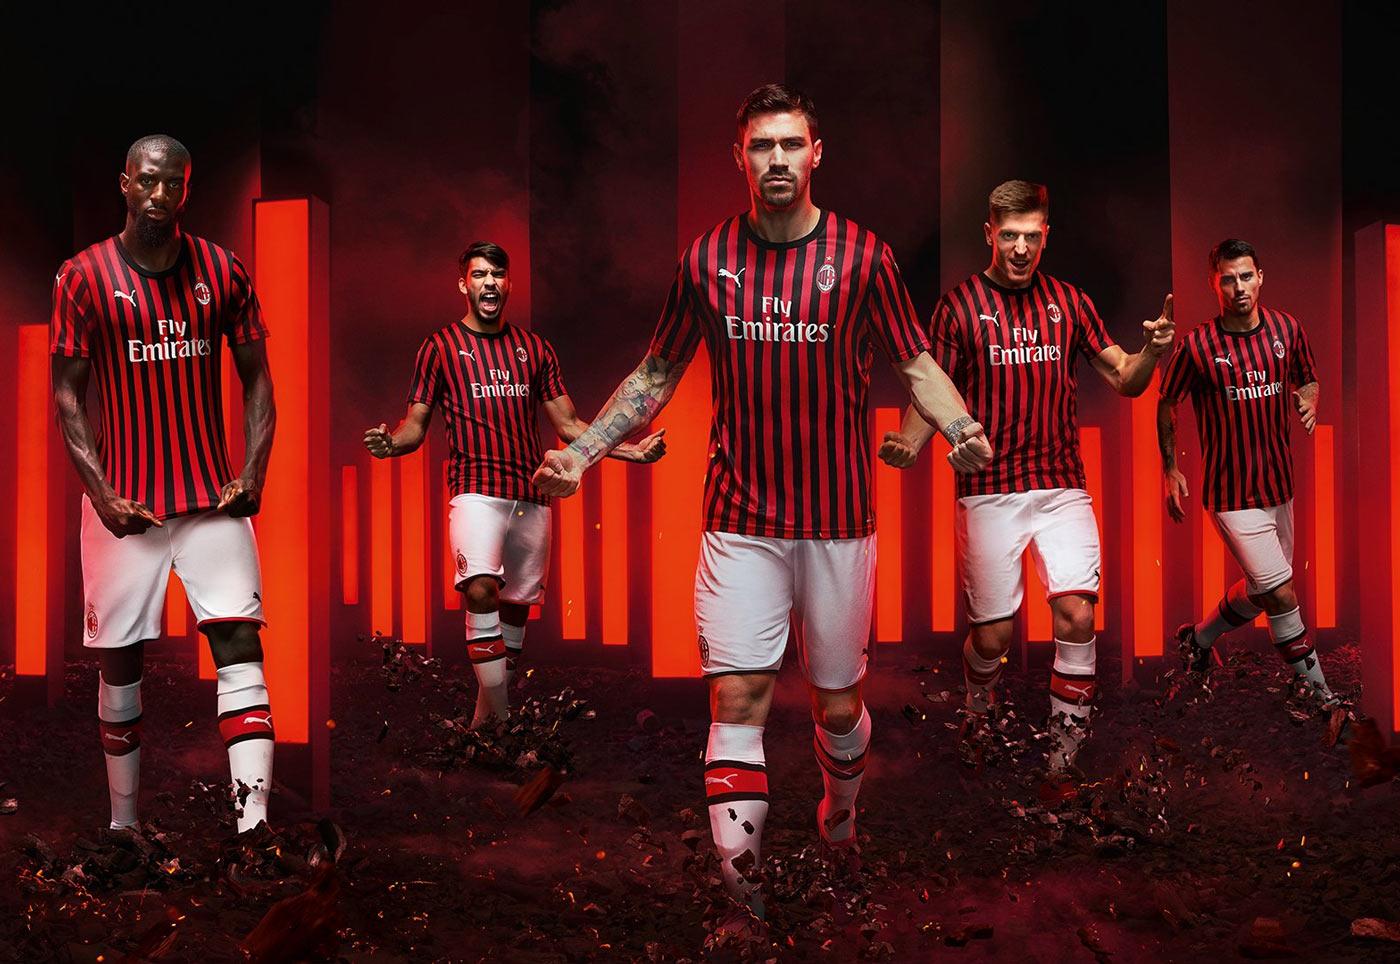 AC Milan home kit 19/20